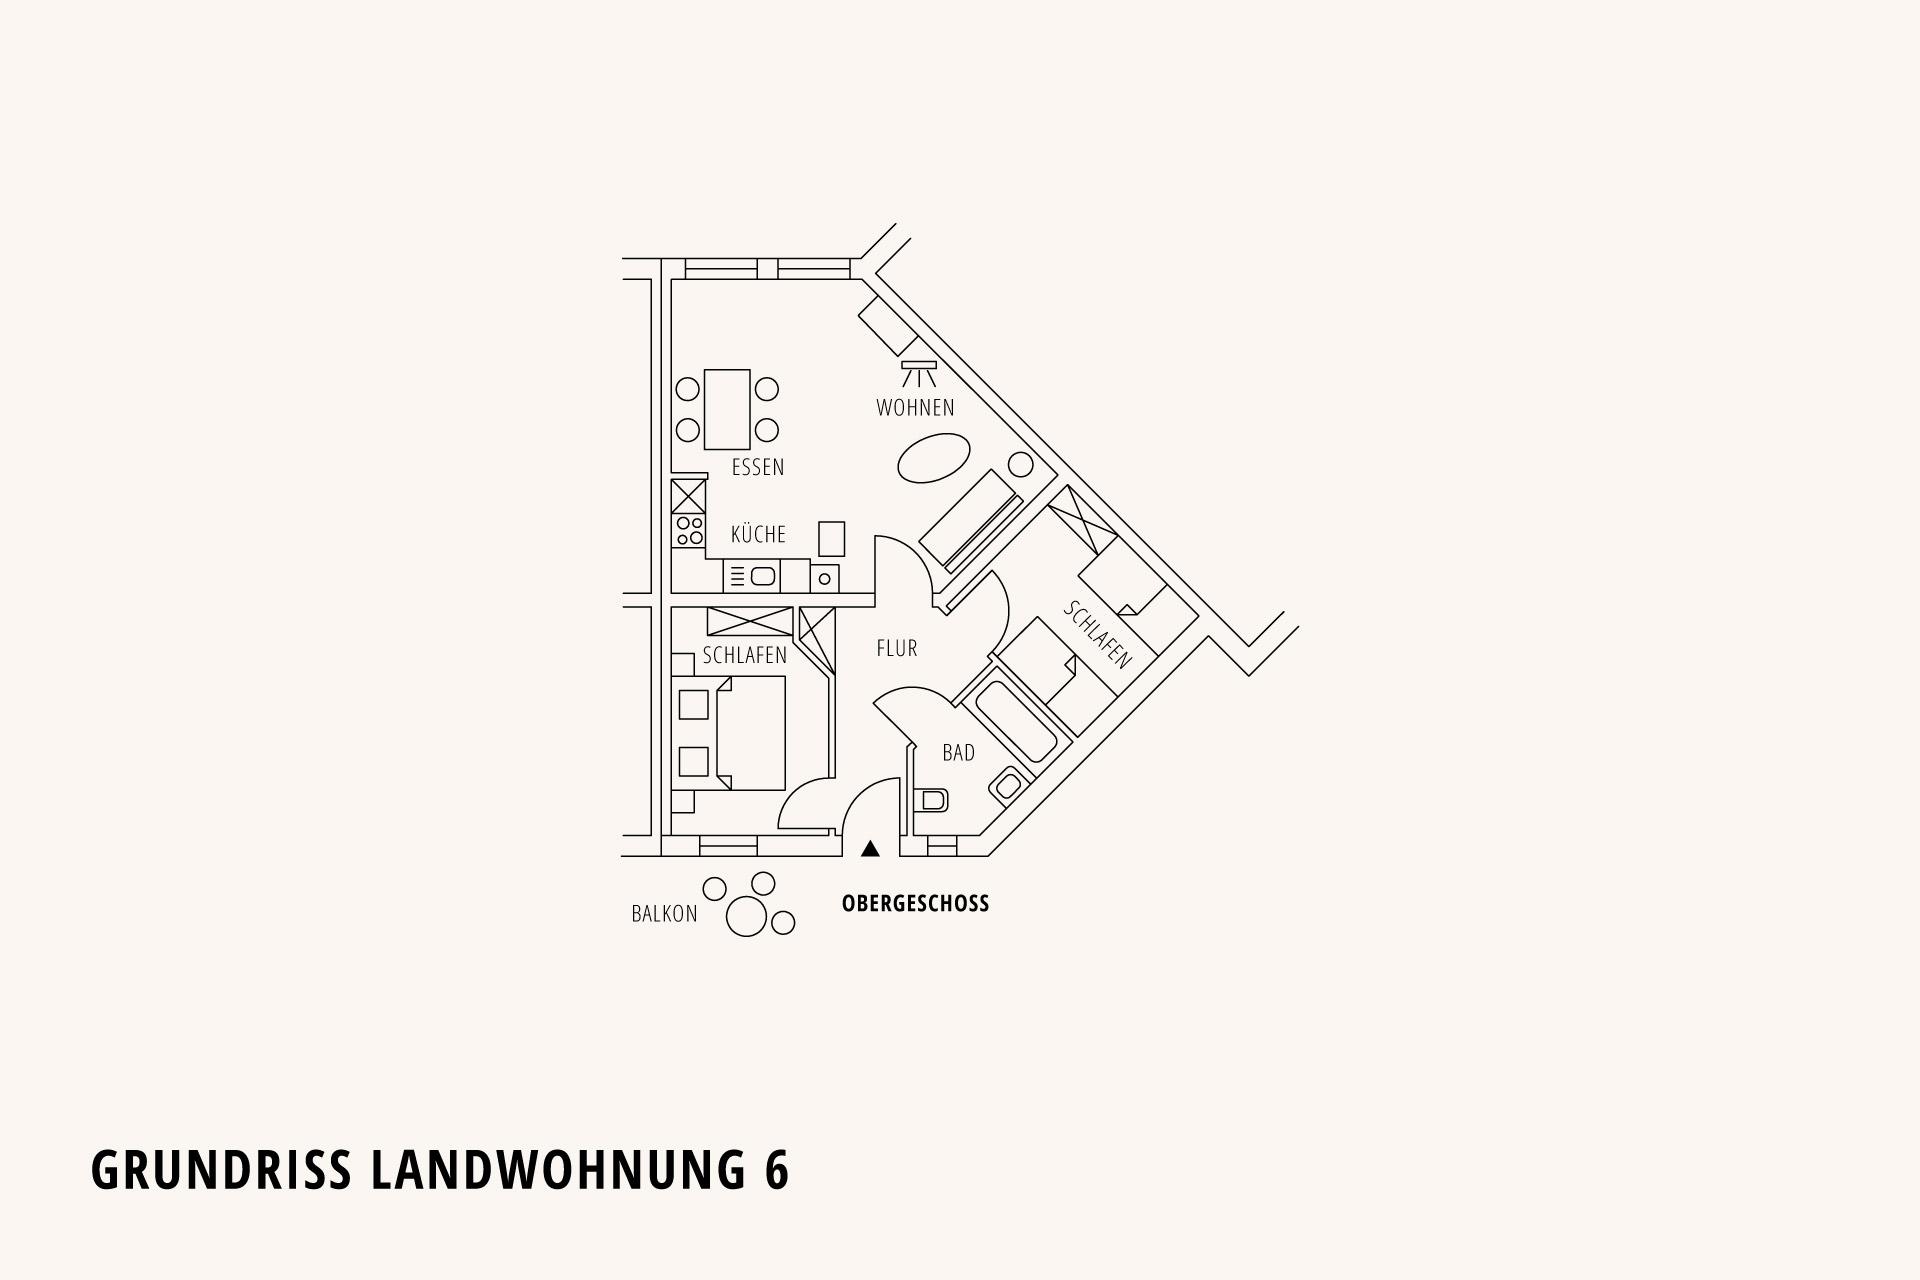 Landwohnung_6_Grundriss